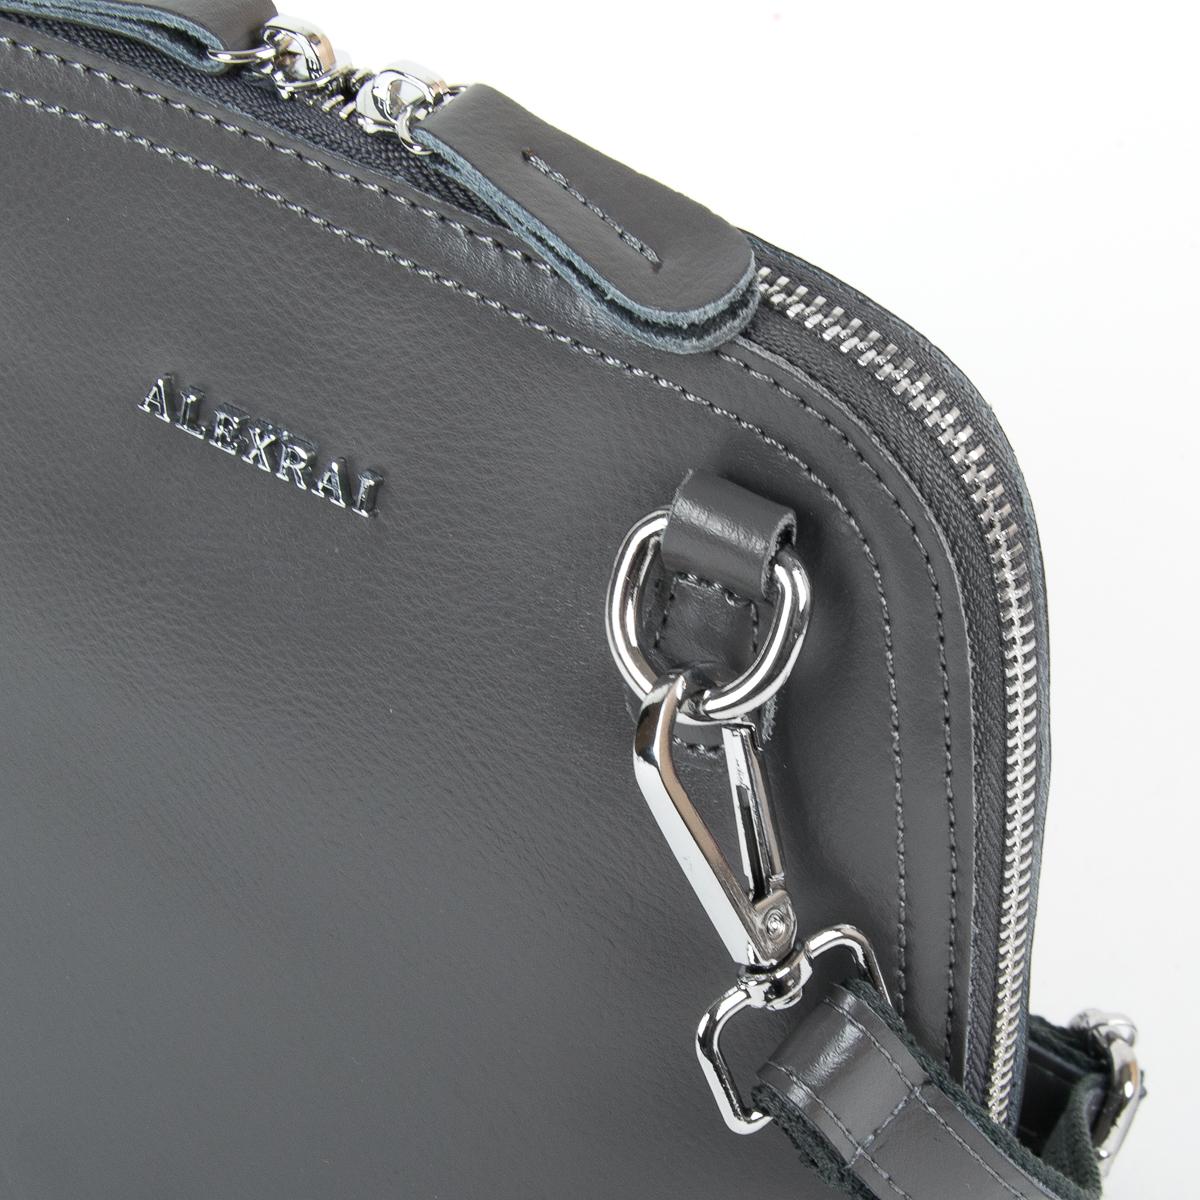 Сумка Женская Клатч кожа ALEX RAI 9-01 8803 grey - фото 3